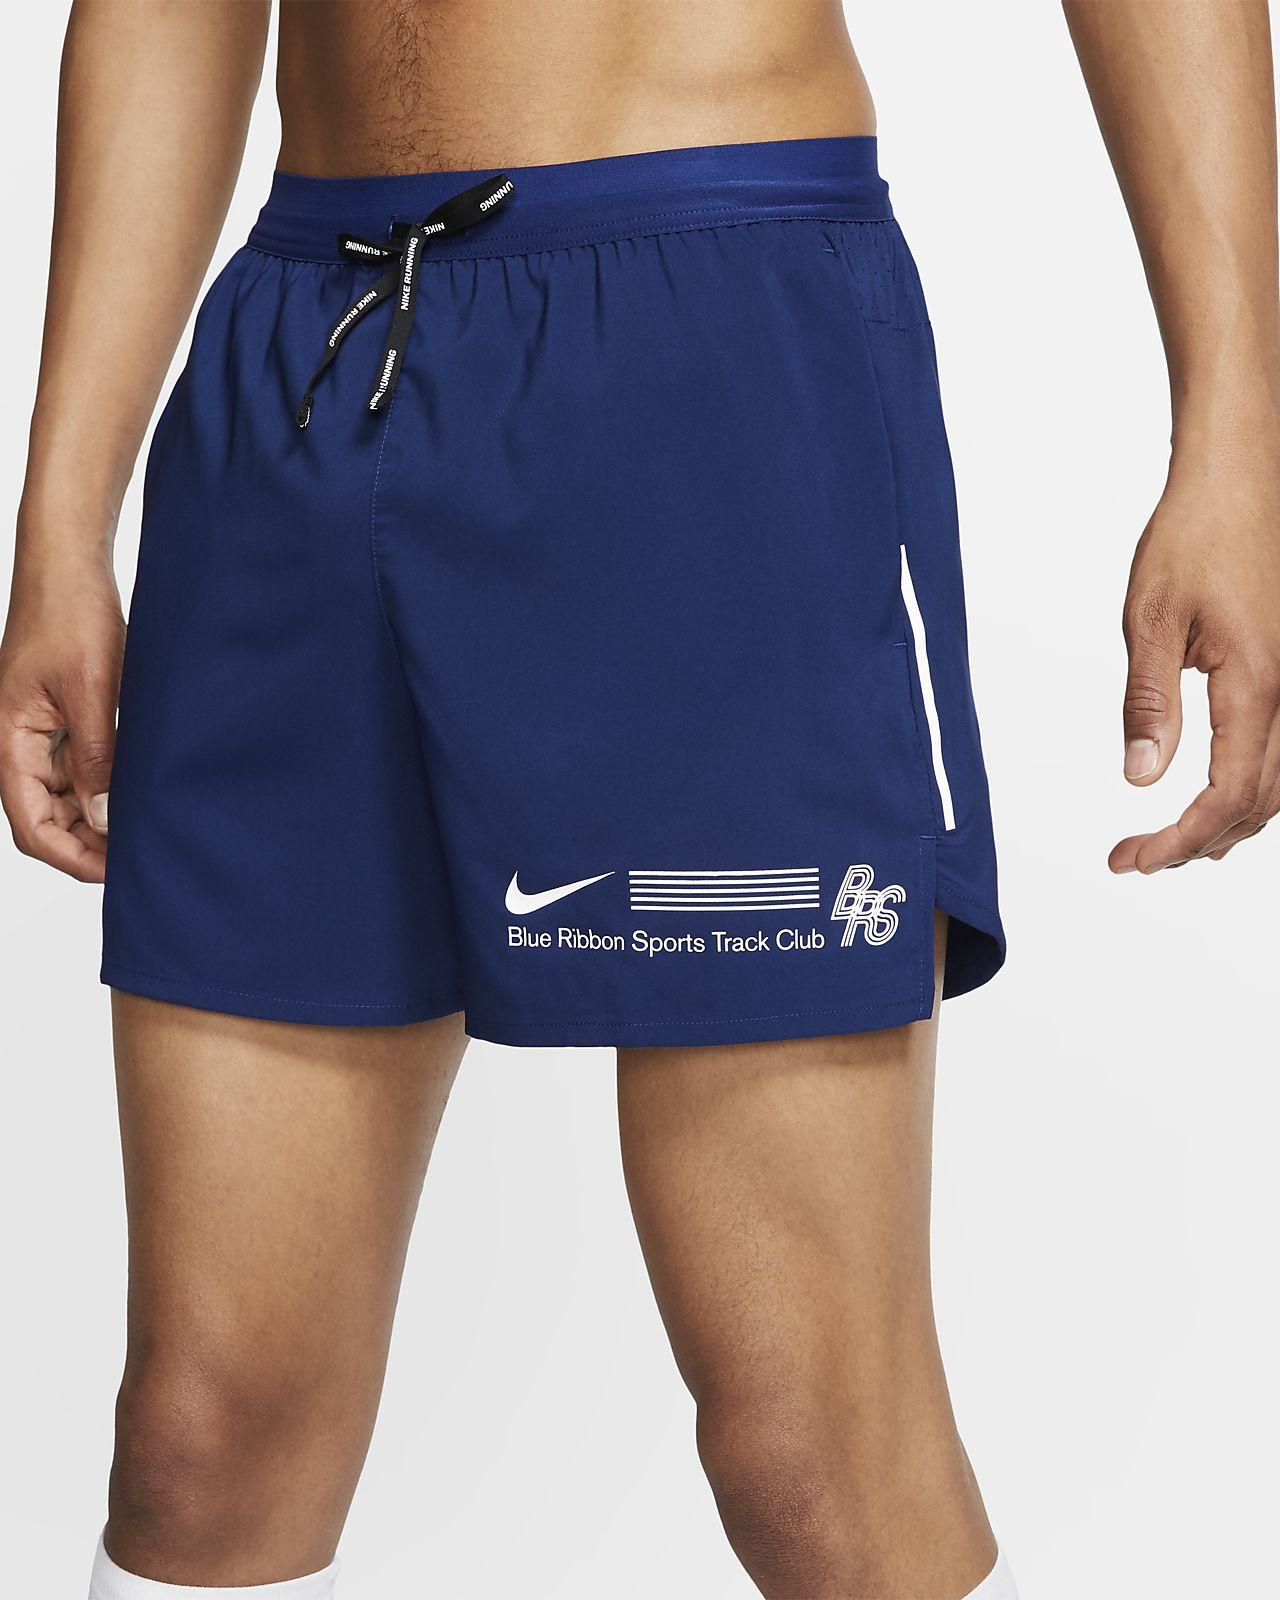 Short de running doublé 13 cm Nike Flex Stride BRS pour Homme